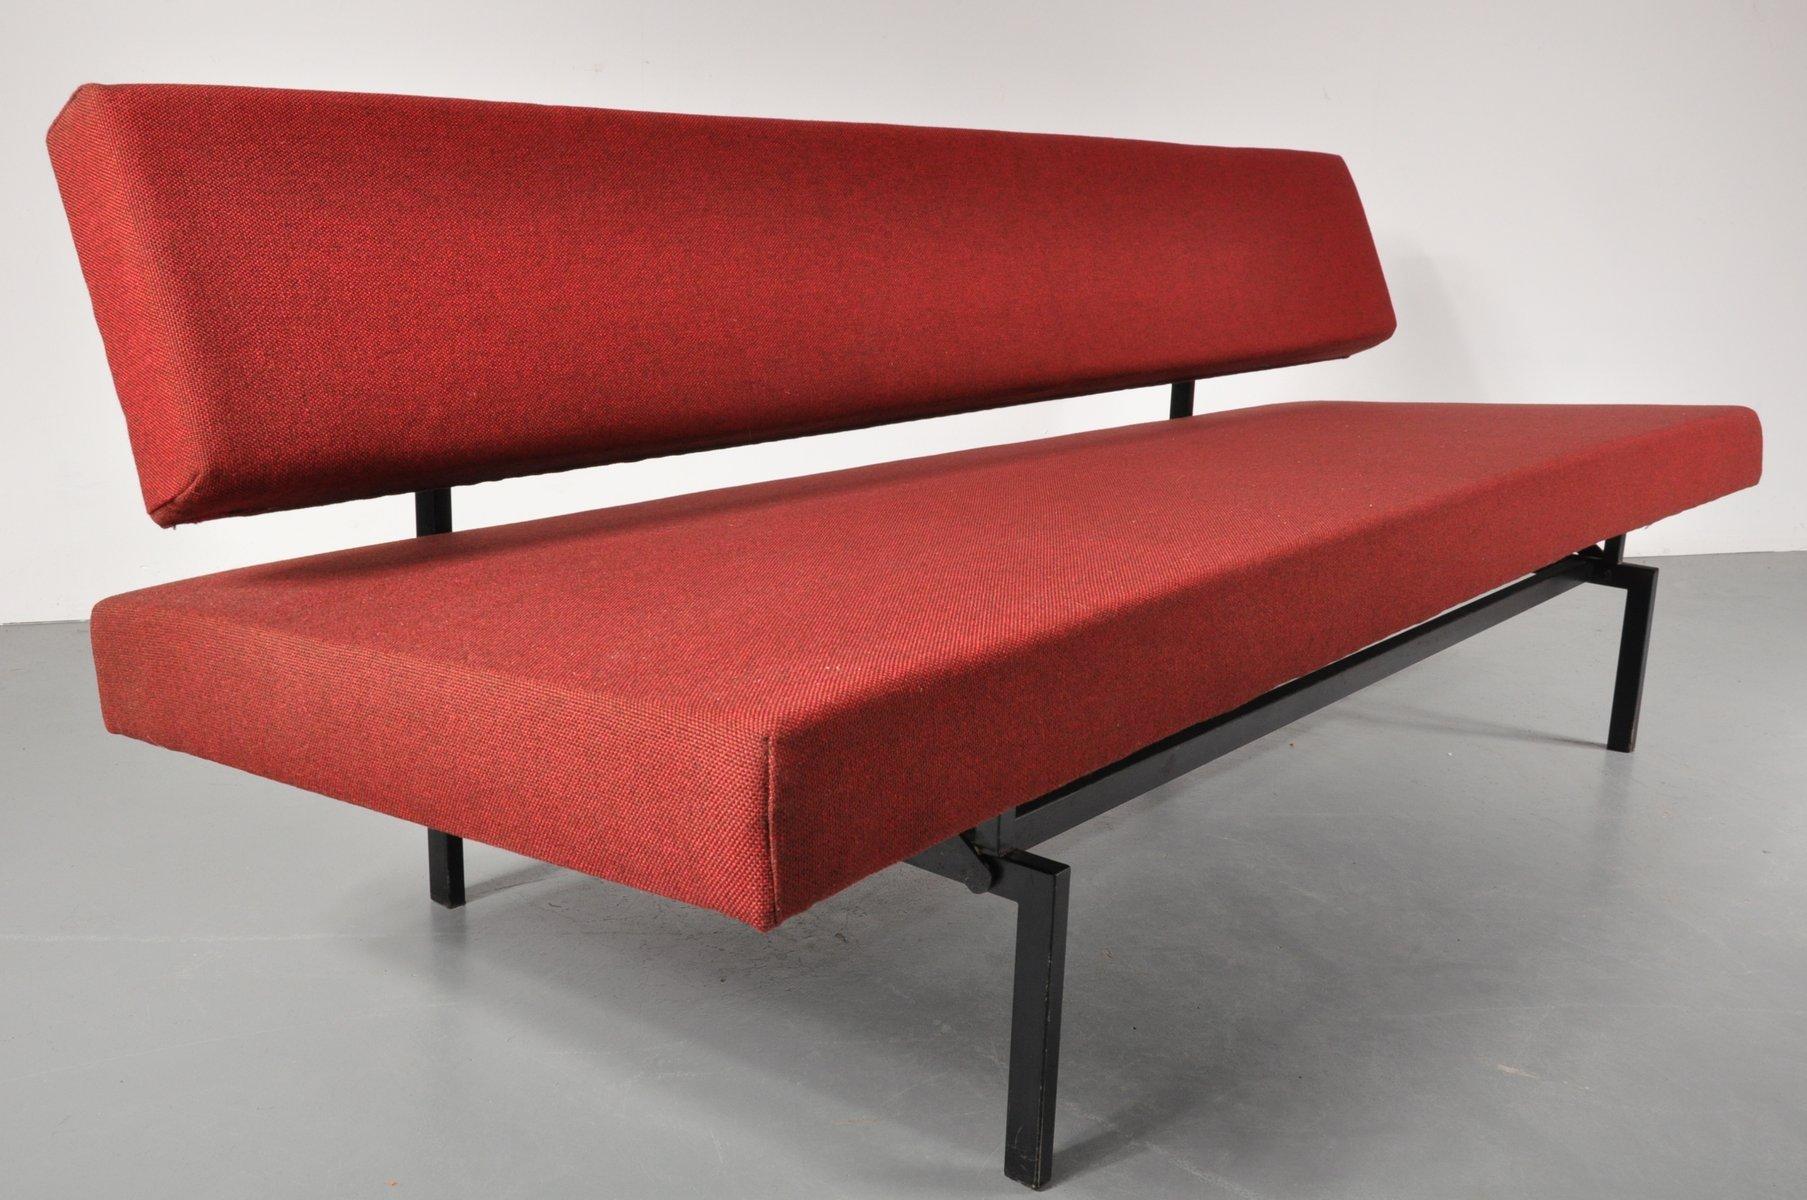 dutch sleeping sofa by gijs van der sluis for gispen 1950s for sale at pamono. Black Bedroom Furniture Sets. Home Design Ideas